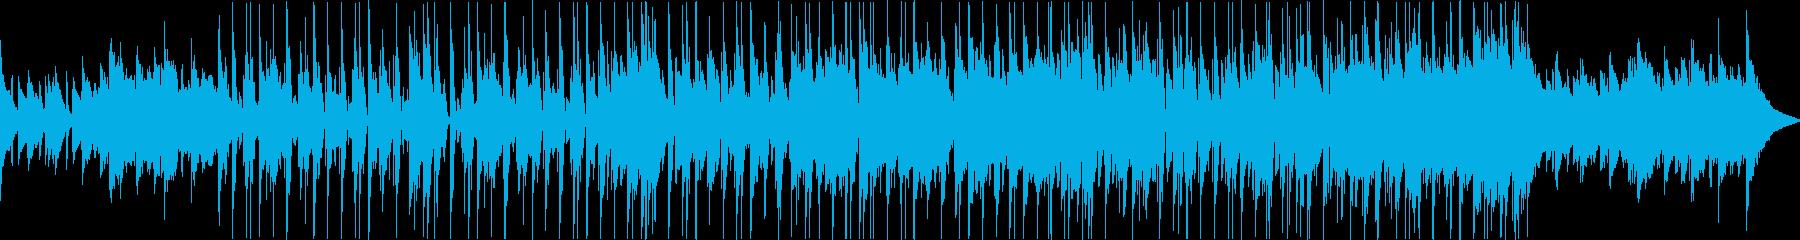 わくわくおしゃれ楽しいブルースaの再生済みの波形